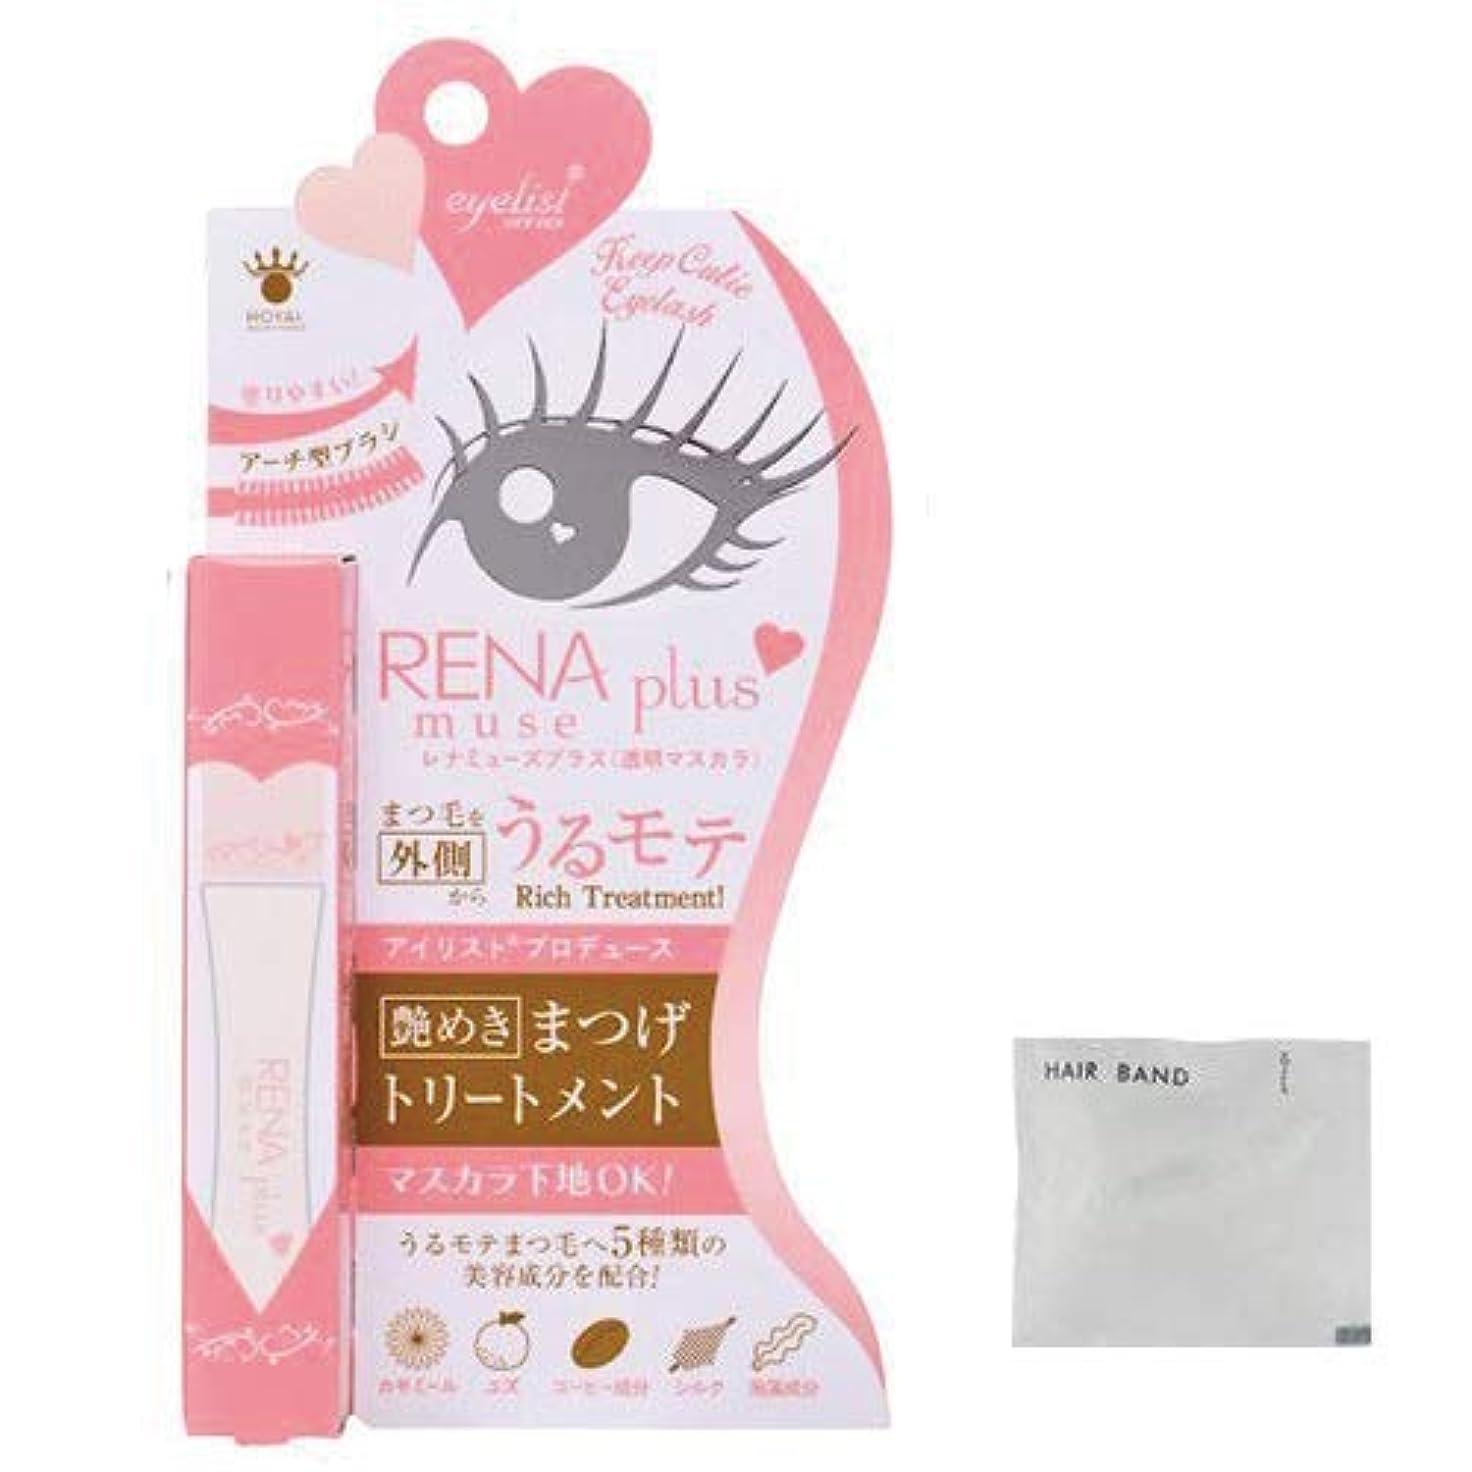 フロントそうでなければフレキシブルアイリスト(eyelist) RENA muse plus(レナミューズプラス) 8g + ヘアゴム(カラーはおまかせ)セット